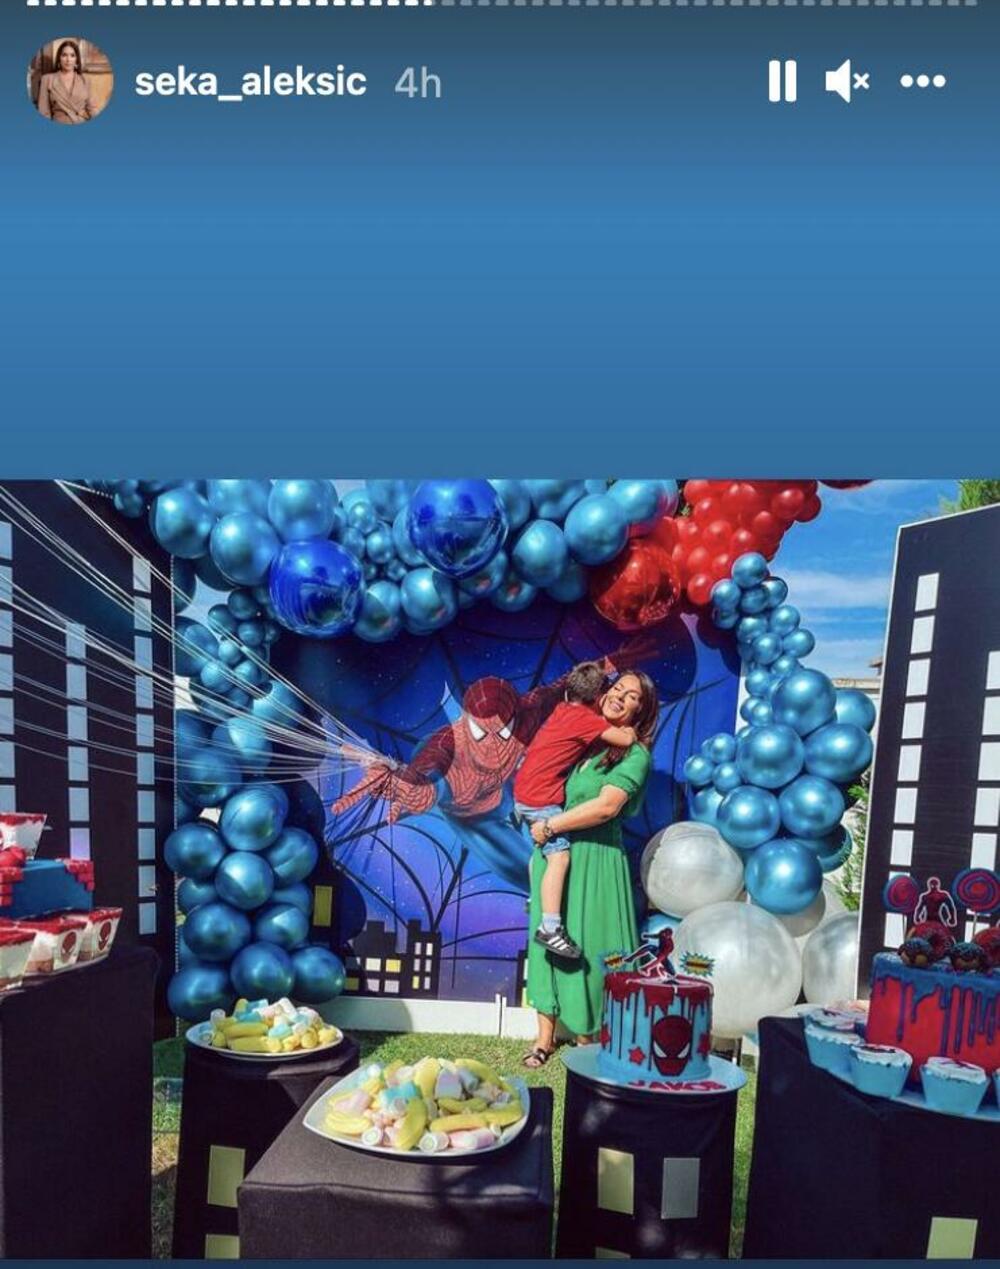 <p>Od torti, animatora do dekoracije sve je bilou stilu jednog superheroja</p>